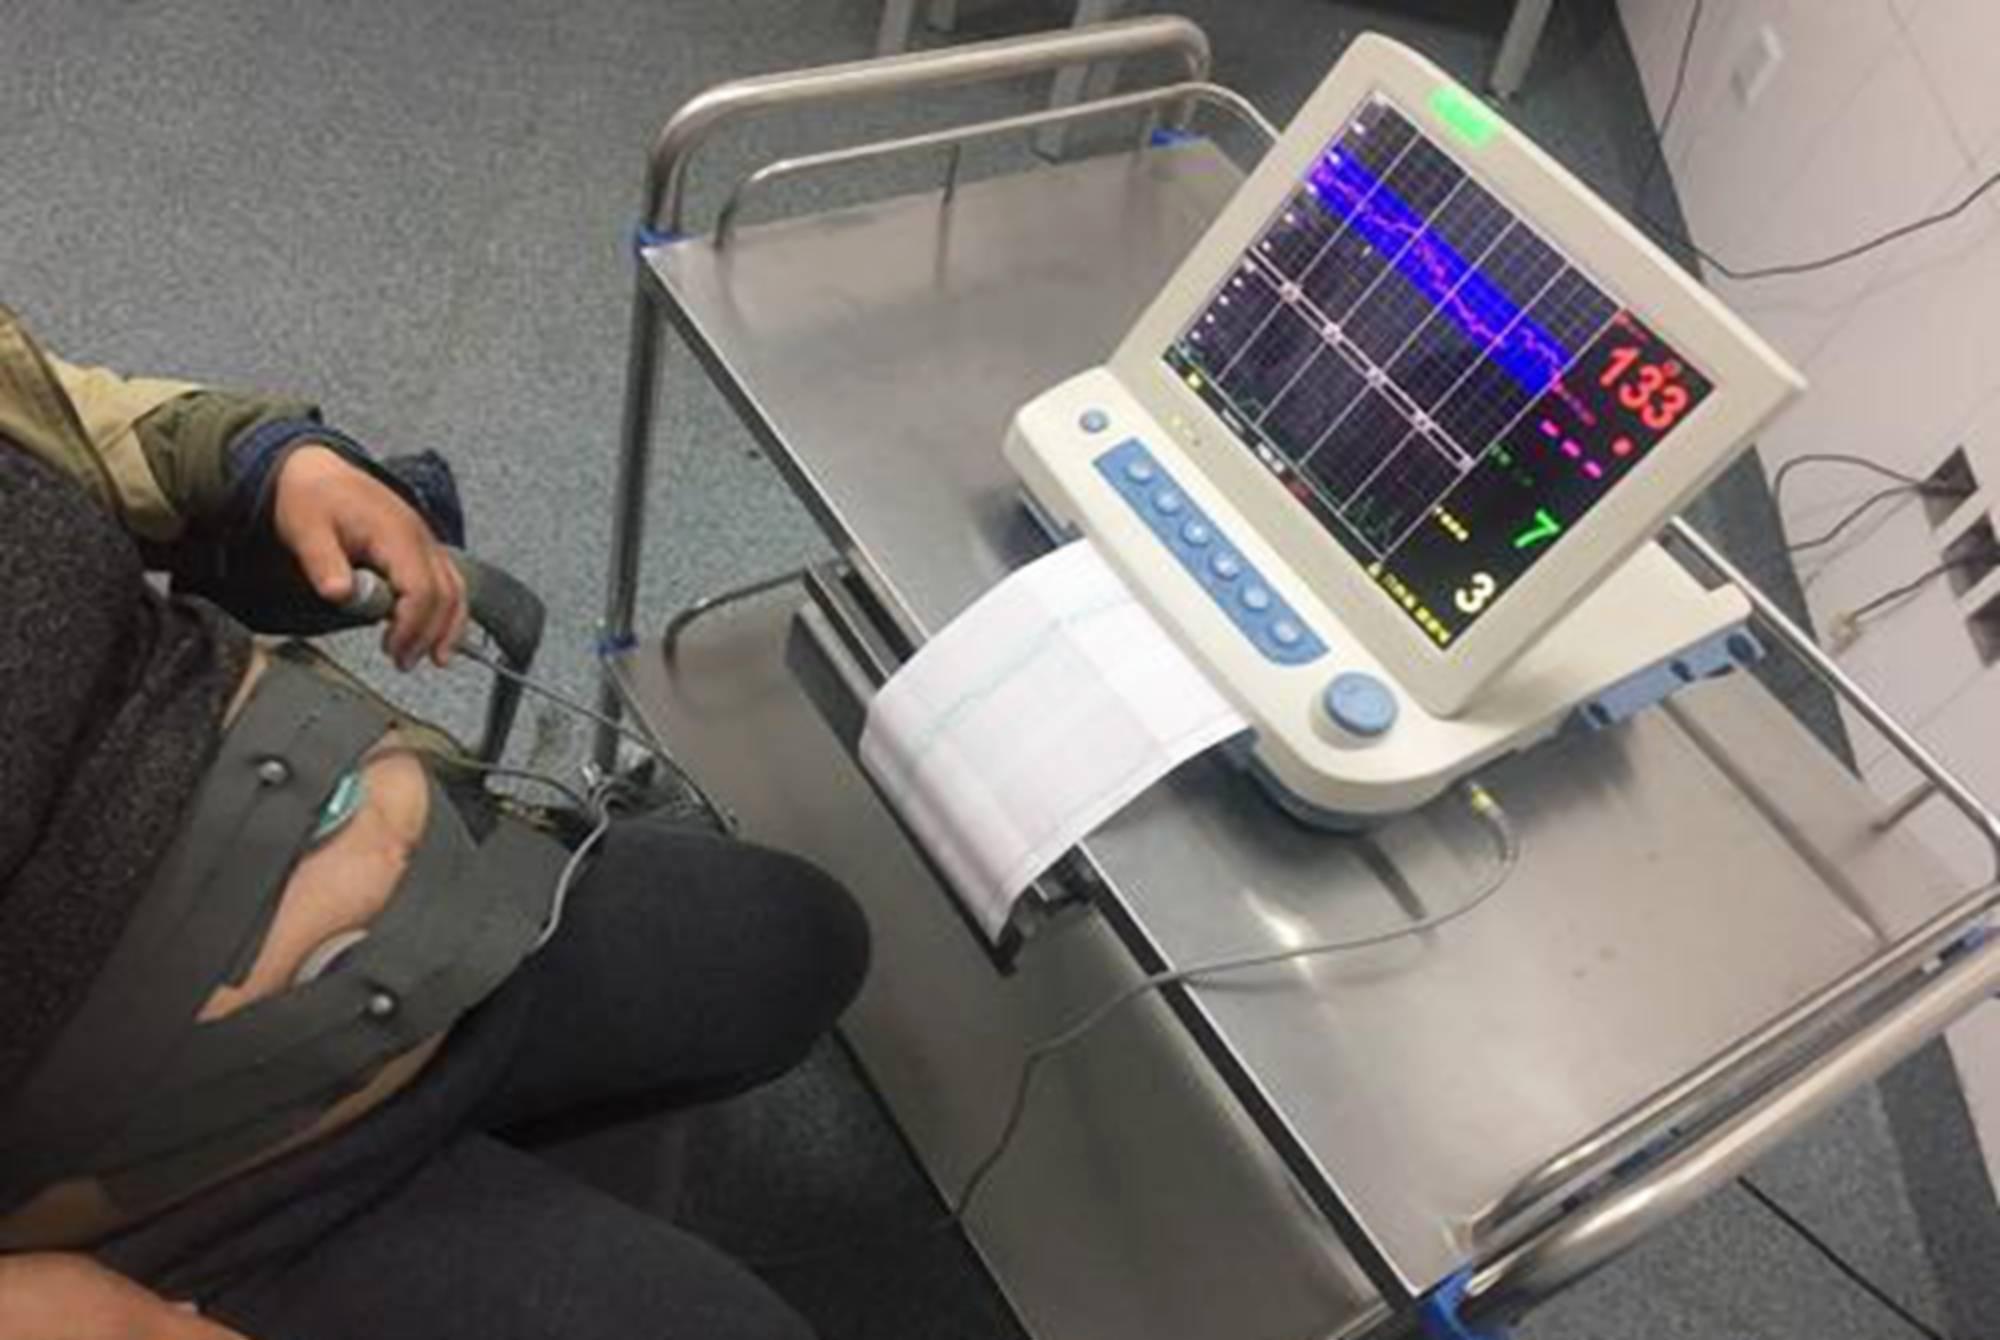 孕晚期疲惫感增重 胎心监护检测能及时掌握胎儿情况